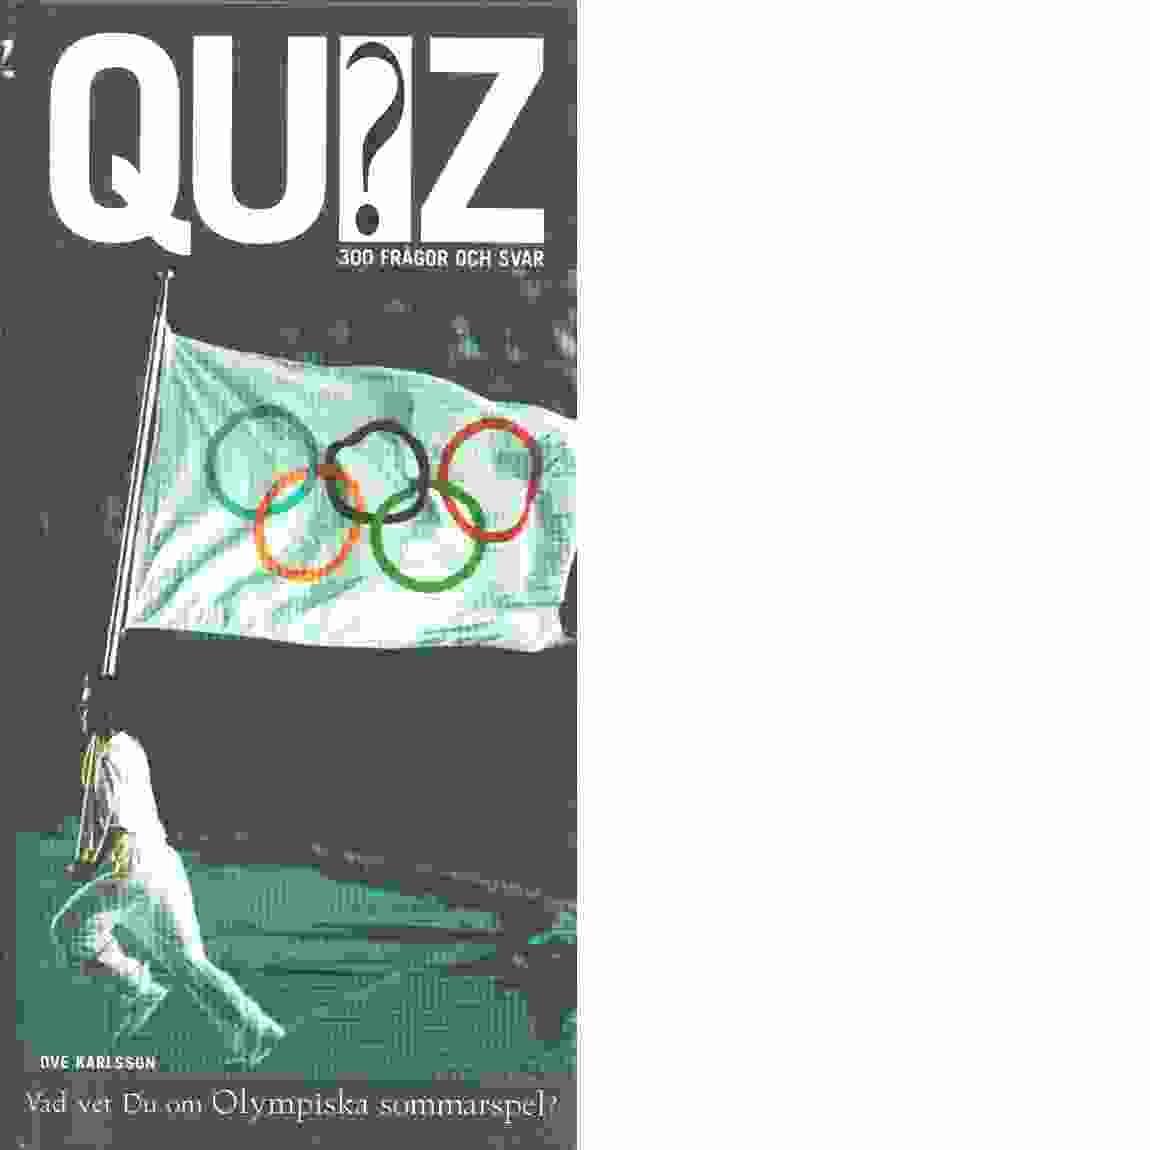 Vad vet du om olympiska sommarspel? - Karlsson, Ove